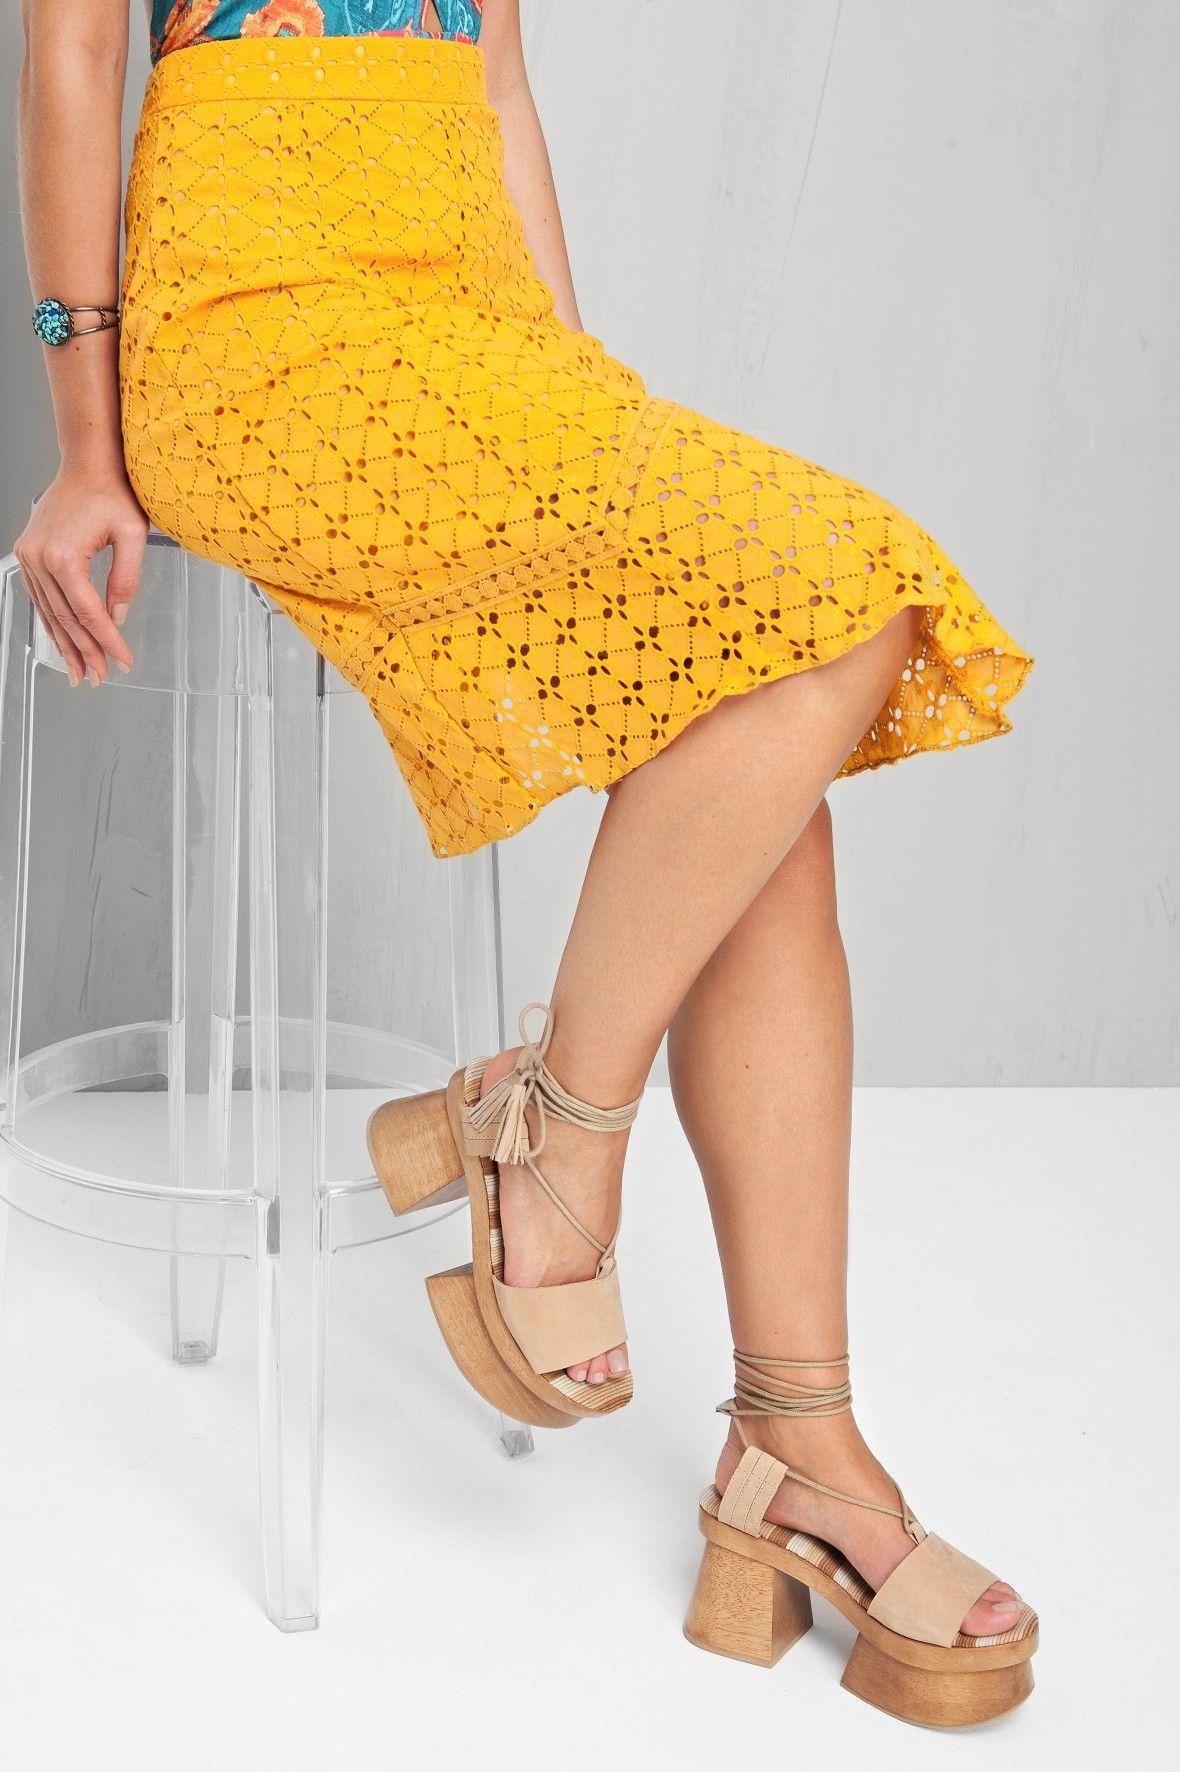 anabela gueisha | Dress to